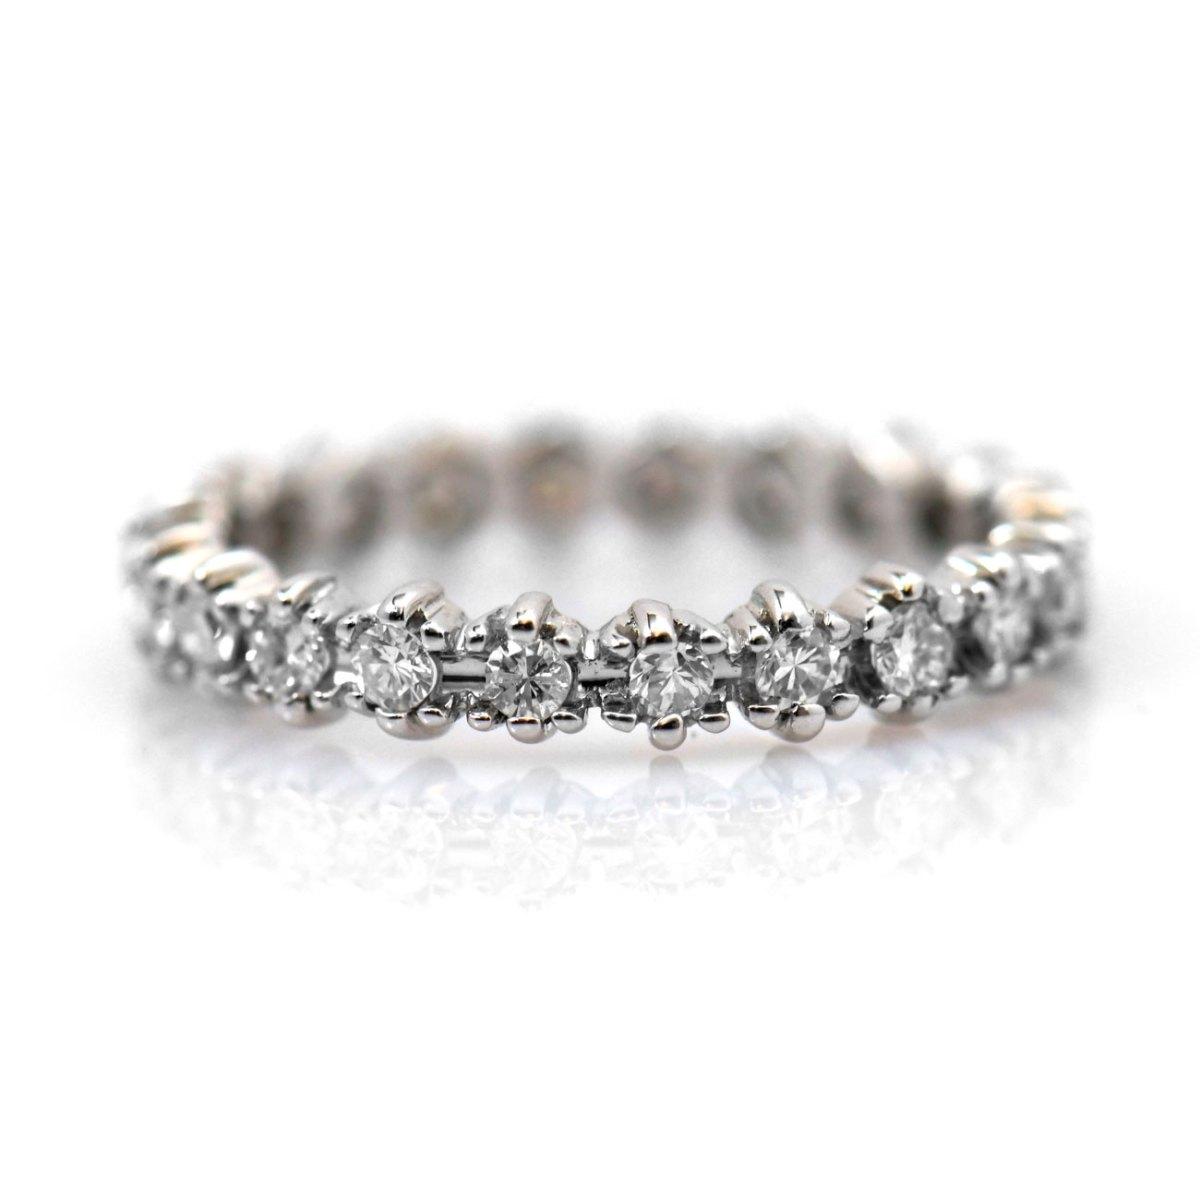 Alliance américaine diamants taille Brillant, serti griffes, or blanc | Réf. BA-B16674 | EVENOR Joaillerie • Bijoux neufs - Bijoux Vintage - Bijoux d'occasion